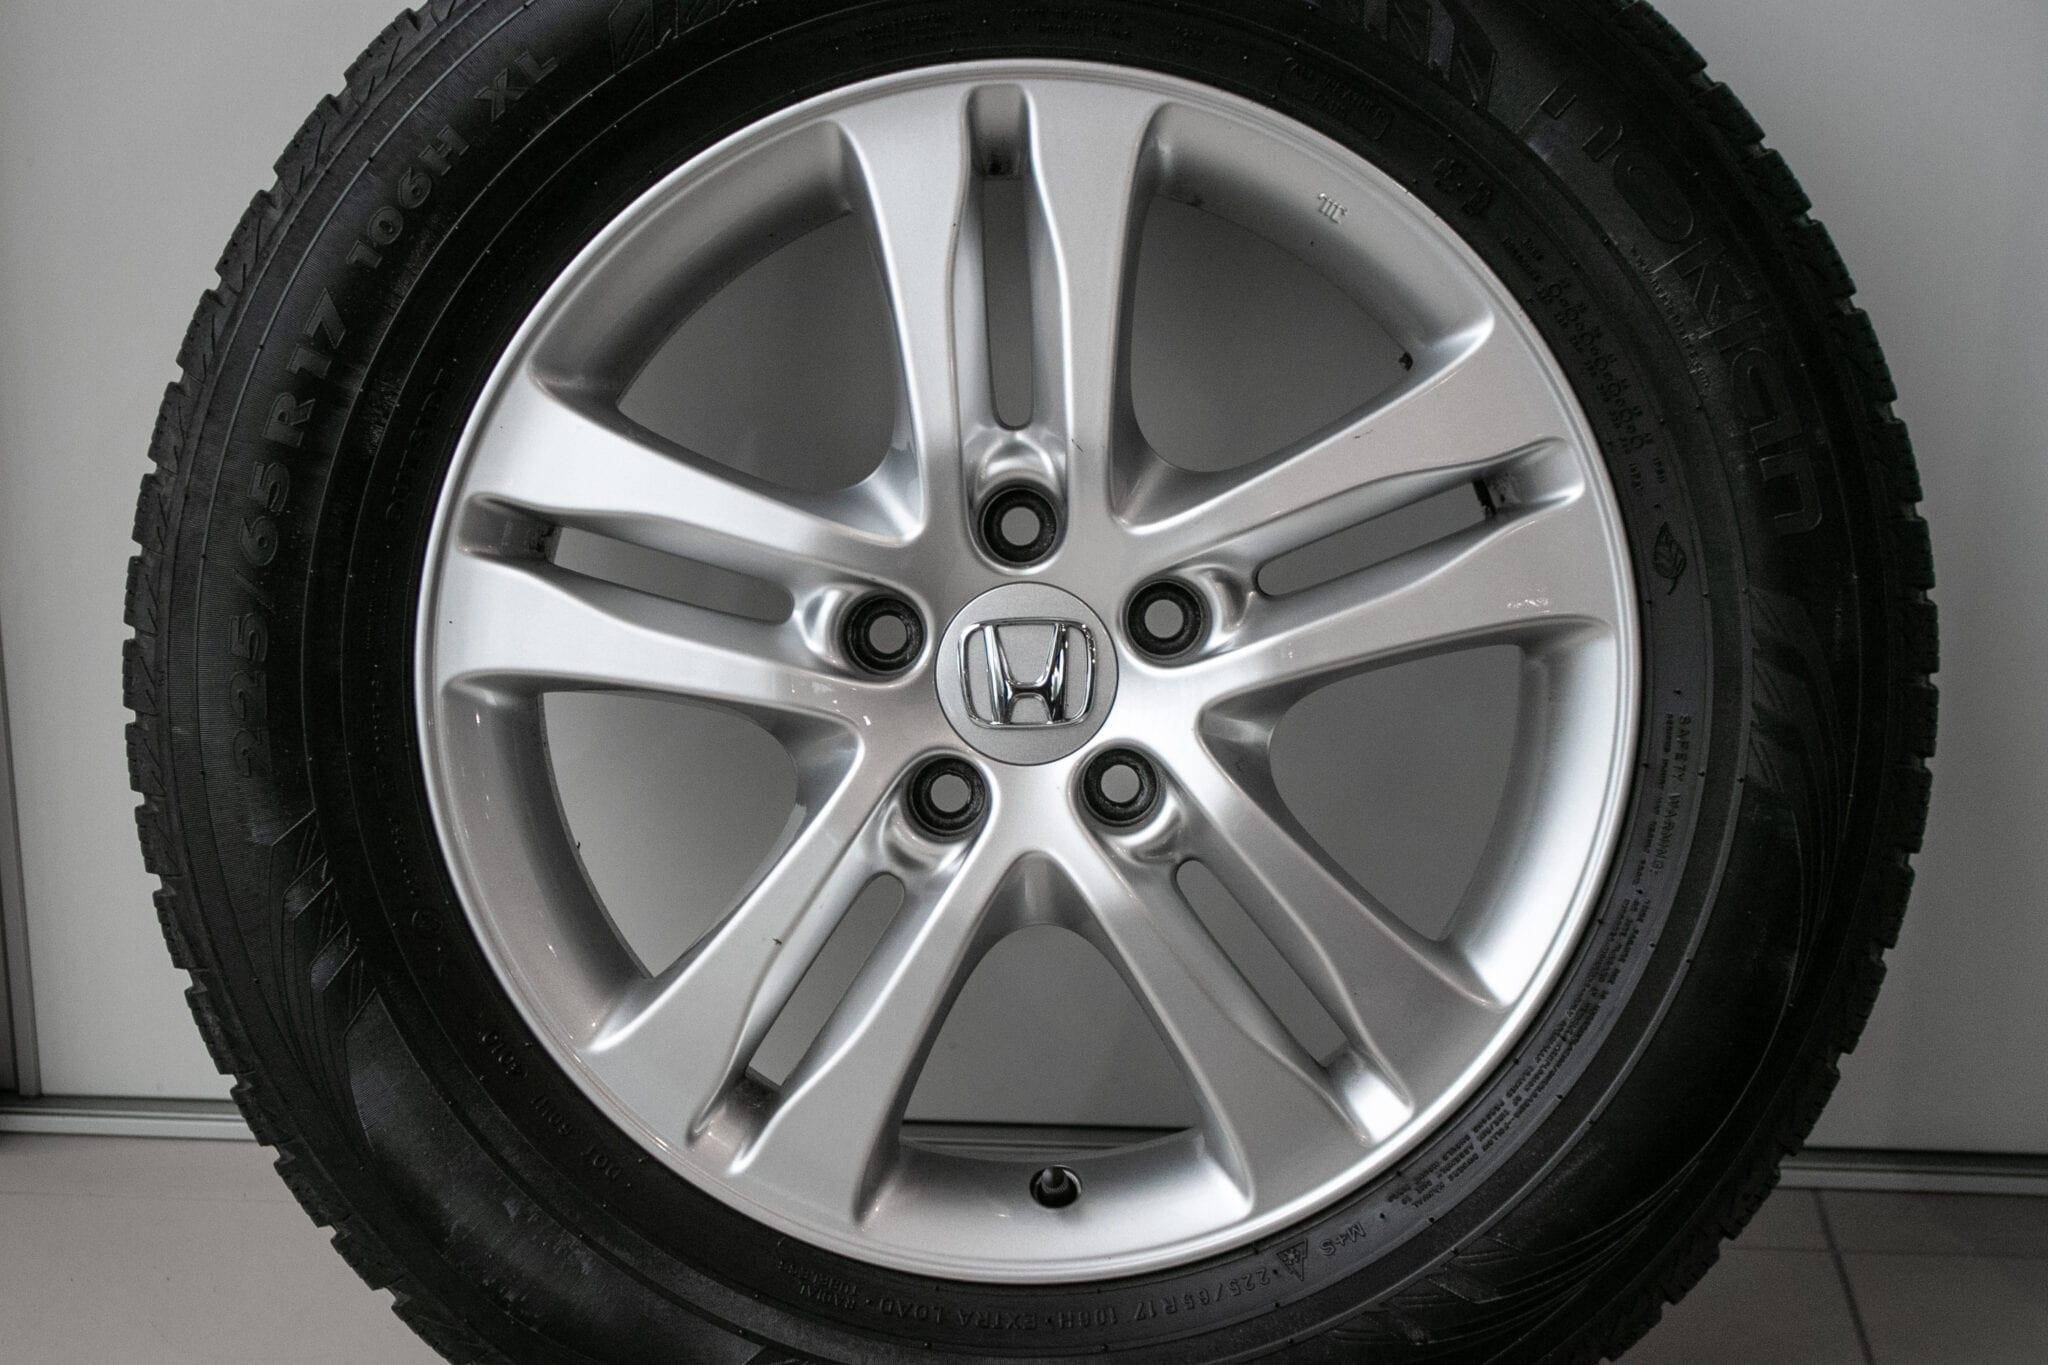 """17"""" Winterwielen voor de Honda CR-V ('07-'17) €299,- Gebruikt. Profieldiepte: 4.7mm - 5mm"""